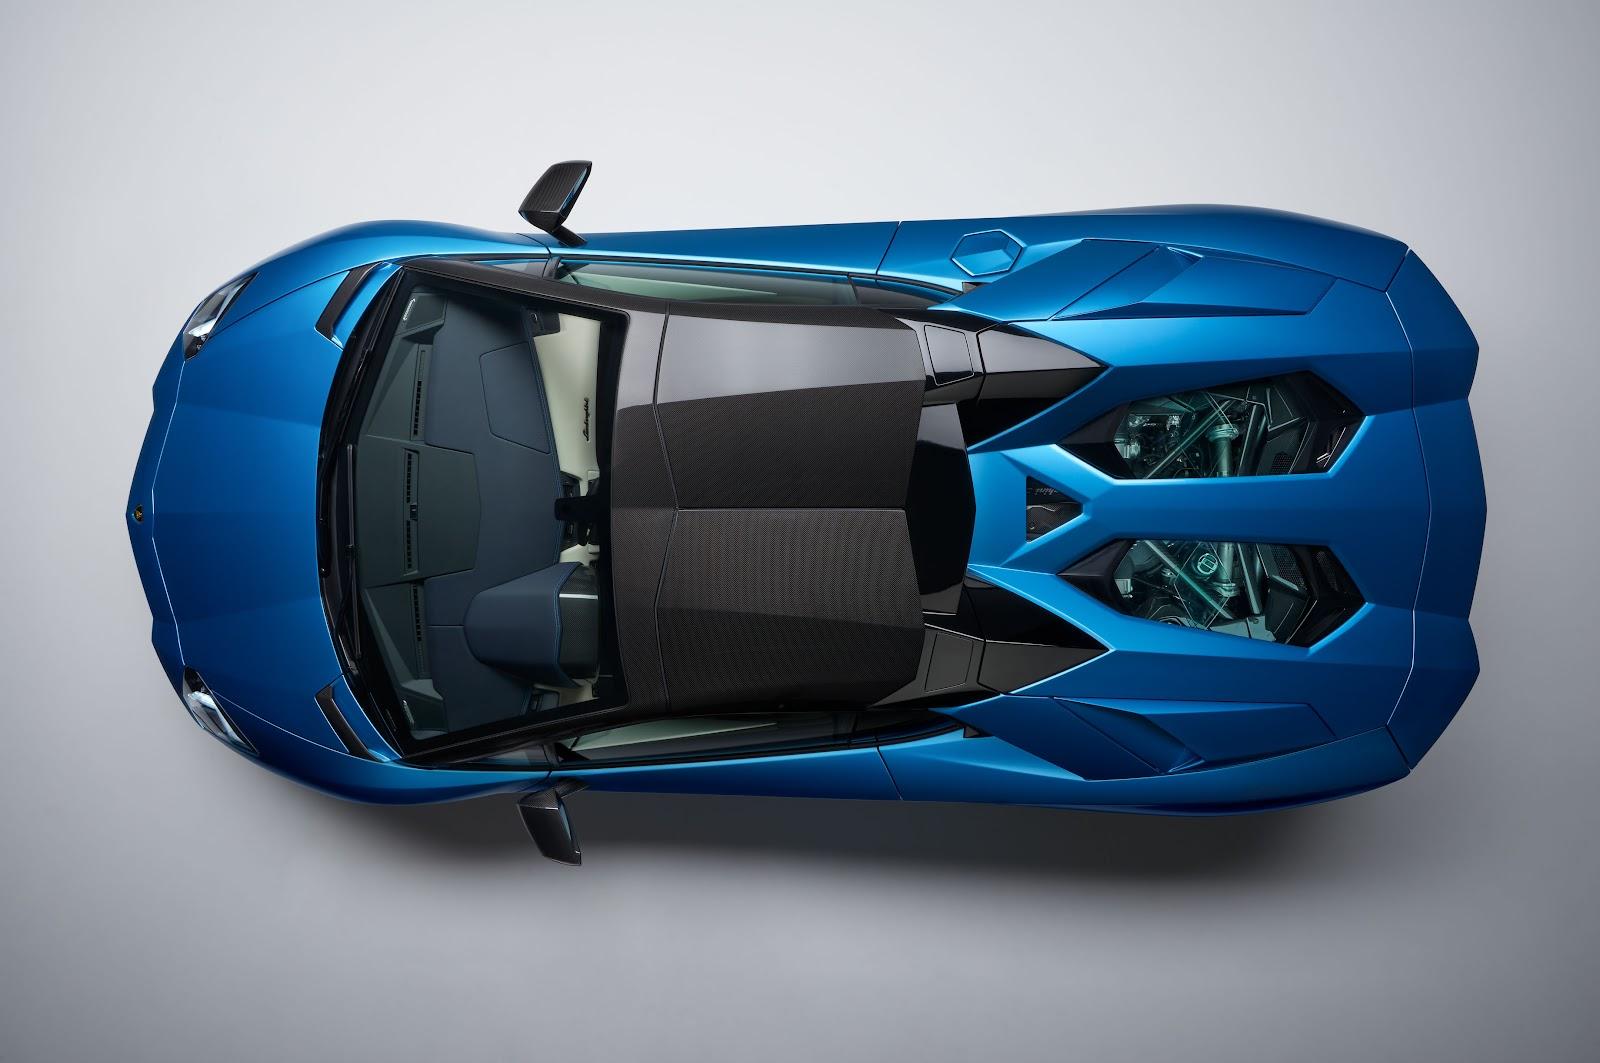 Lamborghini-Aventador-S-Roadster-top.jpg